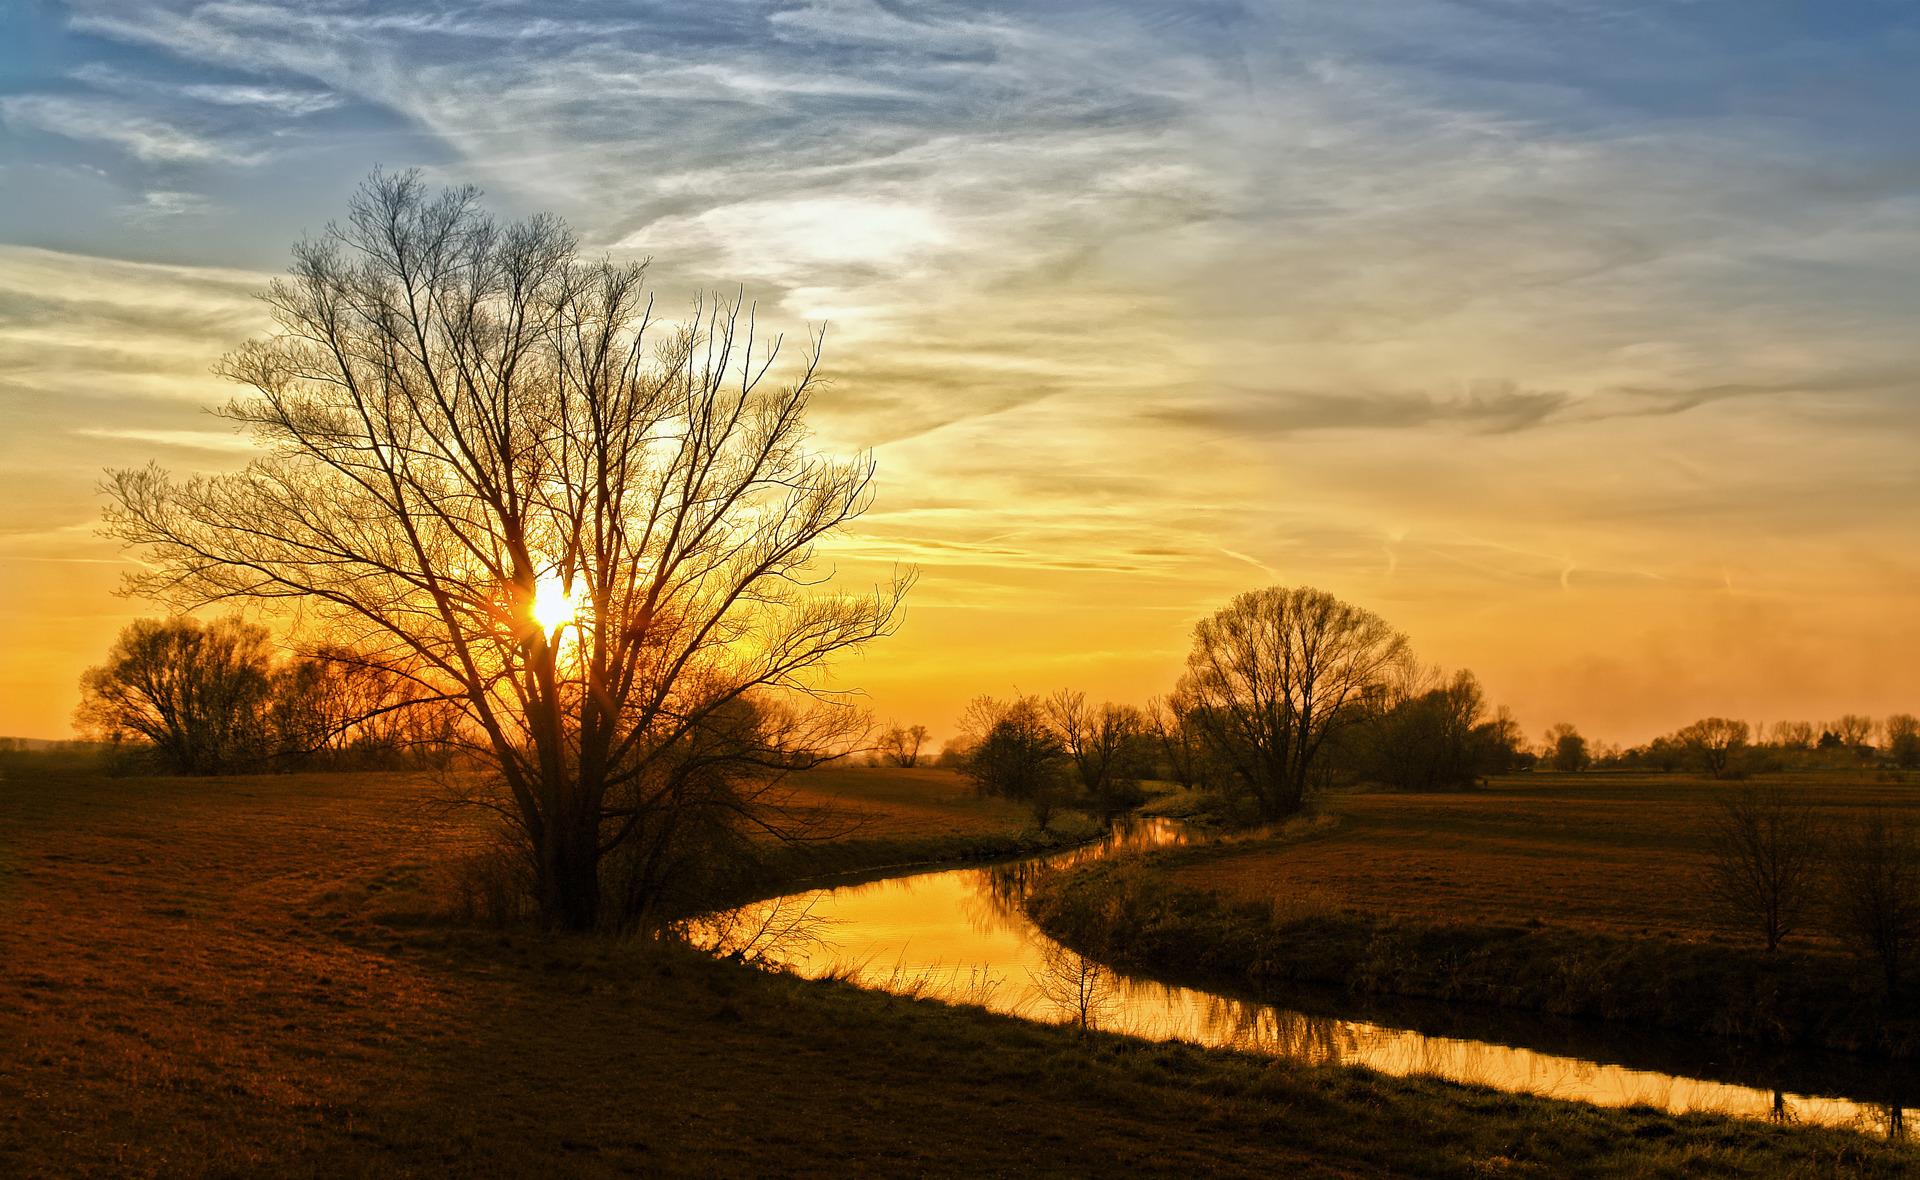 природа рассвет деревья  № 1158251 бесплатно